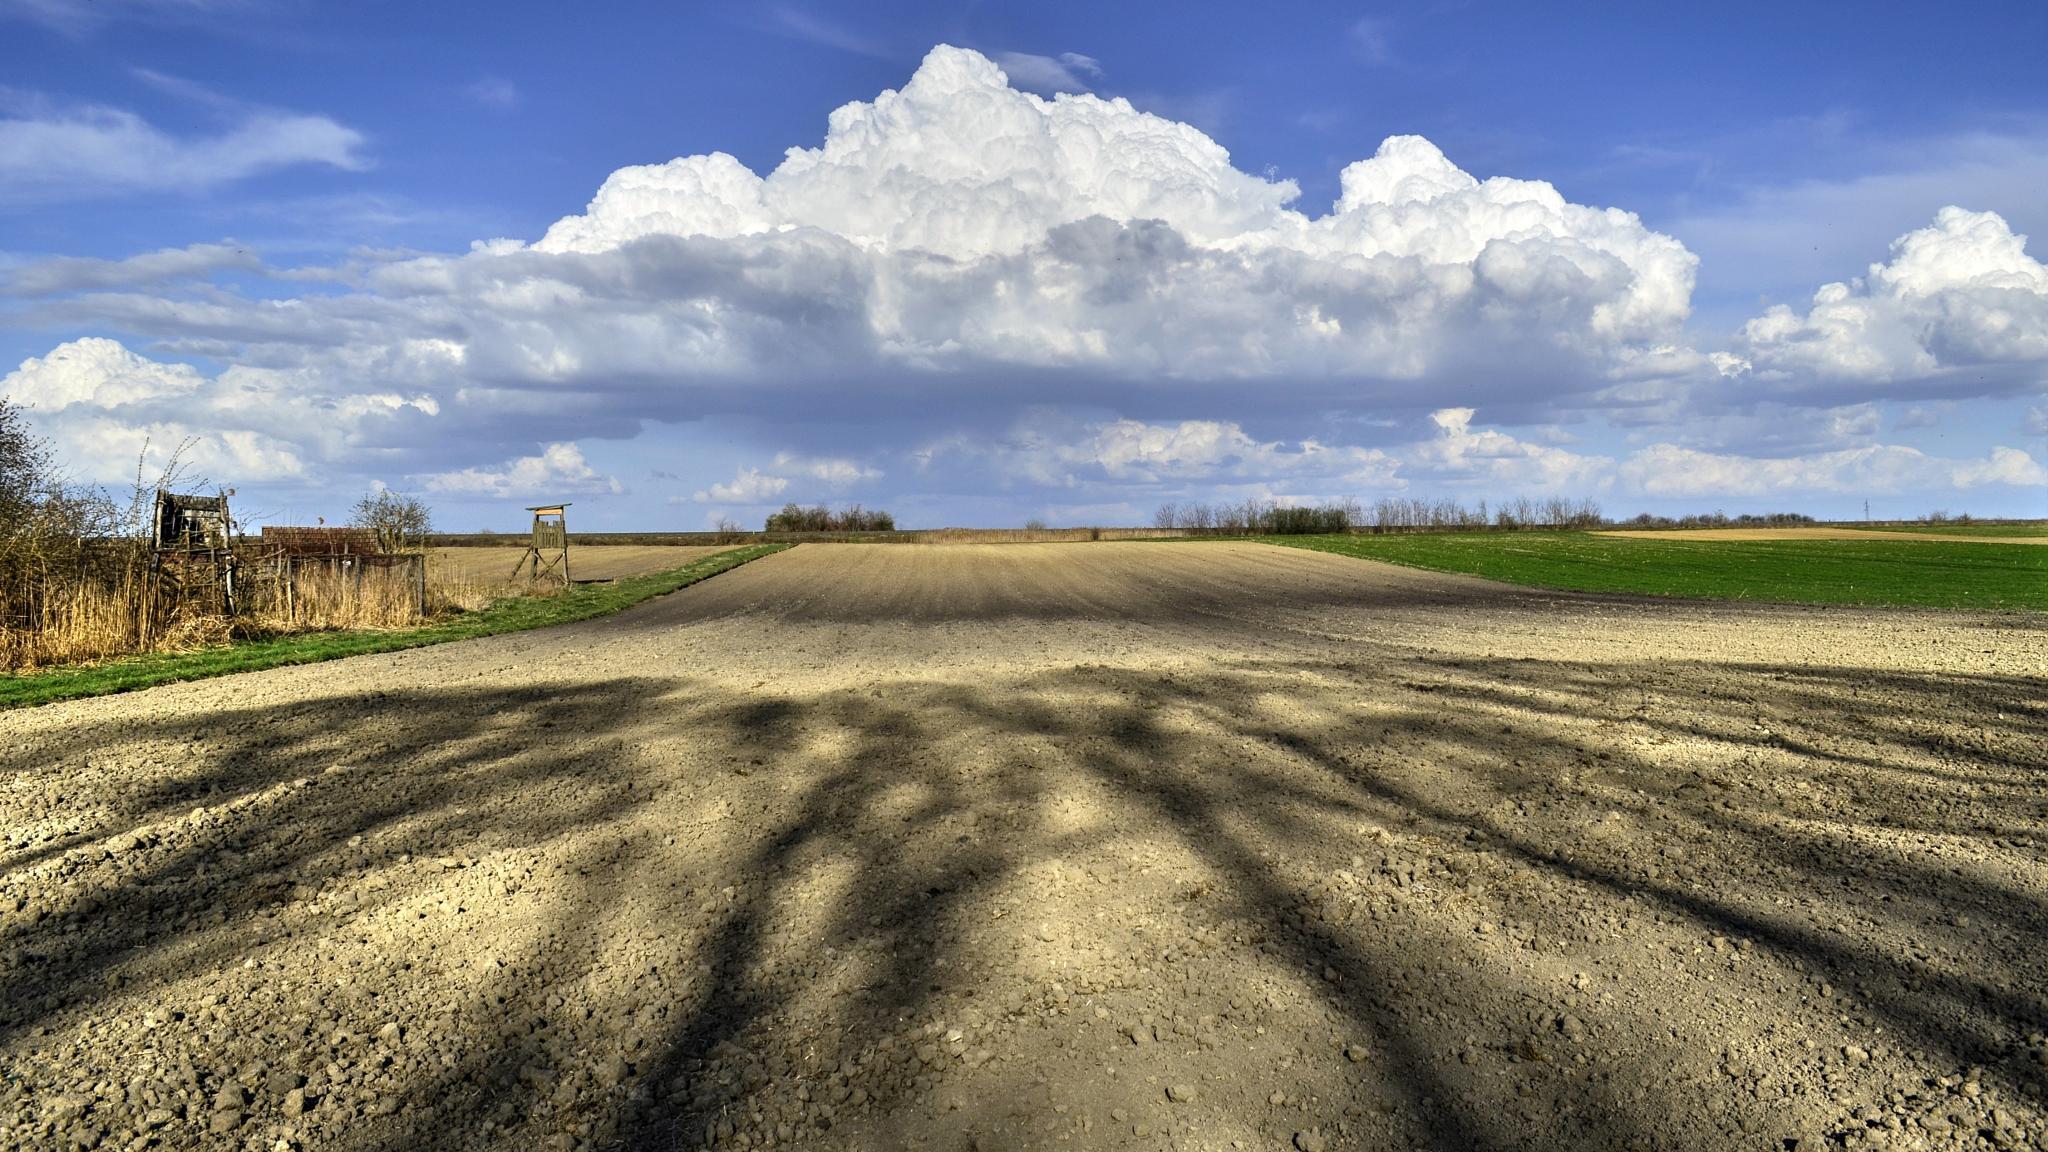 fields in baranja by Nenad Milic